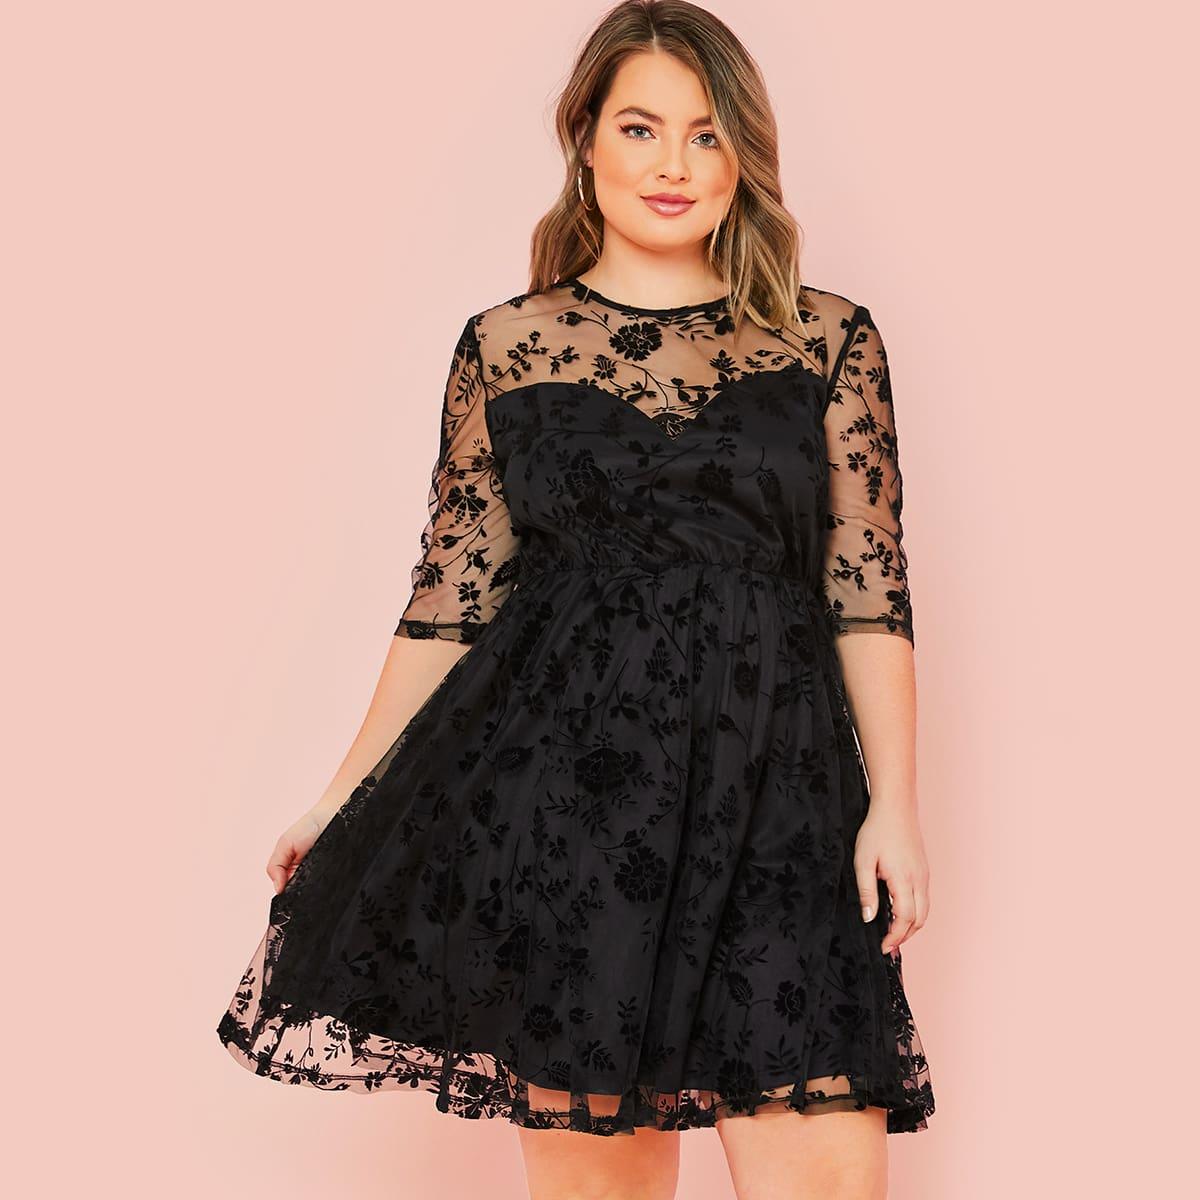 SHEIN / Große Größen - Kleid mit Blumen und Netzstoff